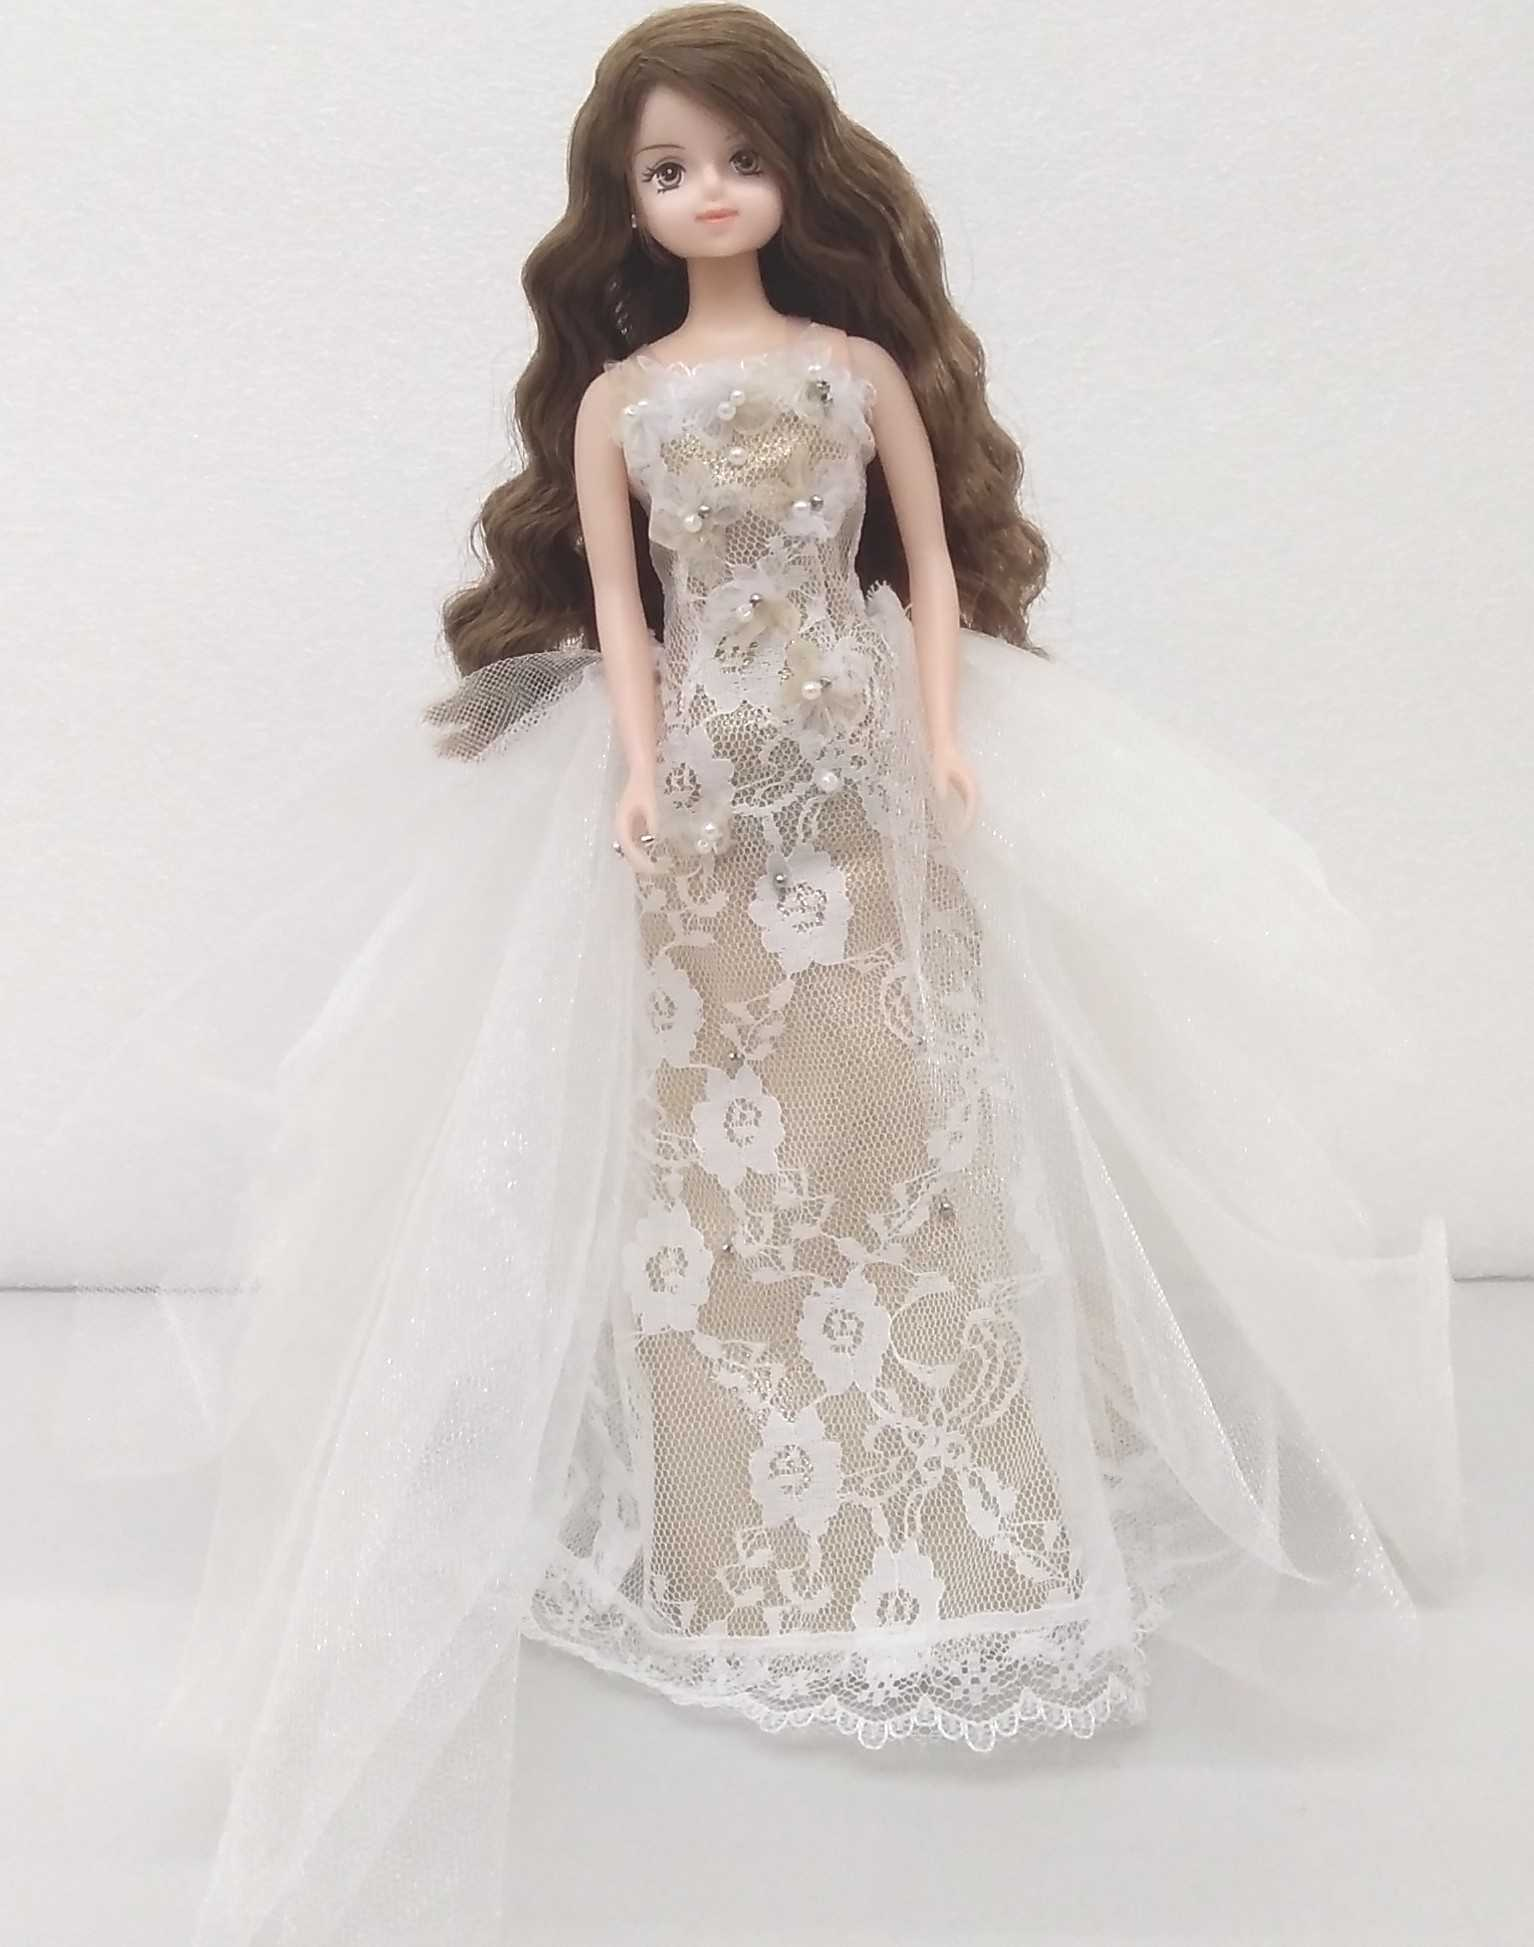 安室奈美恵ドール 白ドレス|タカラトミー